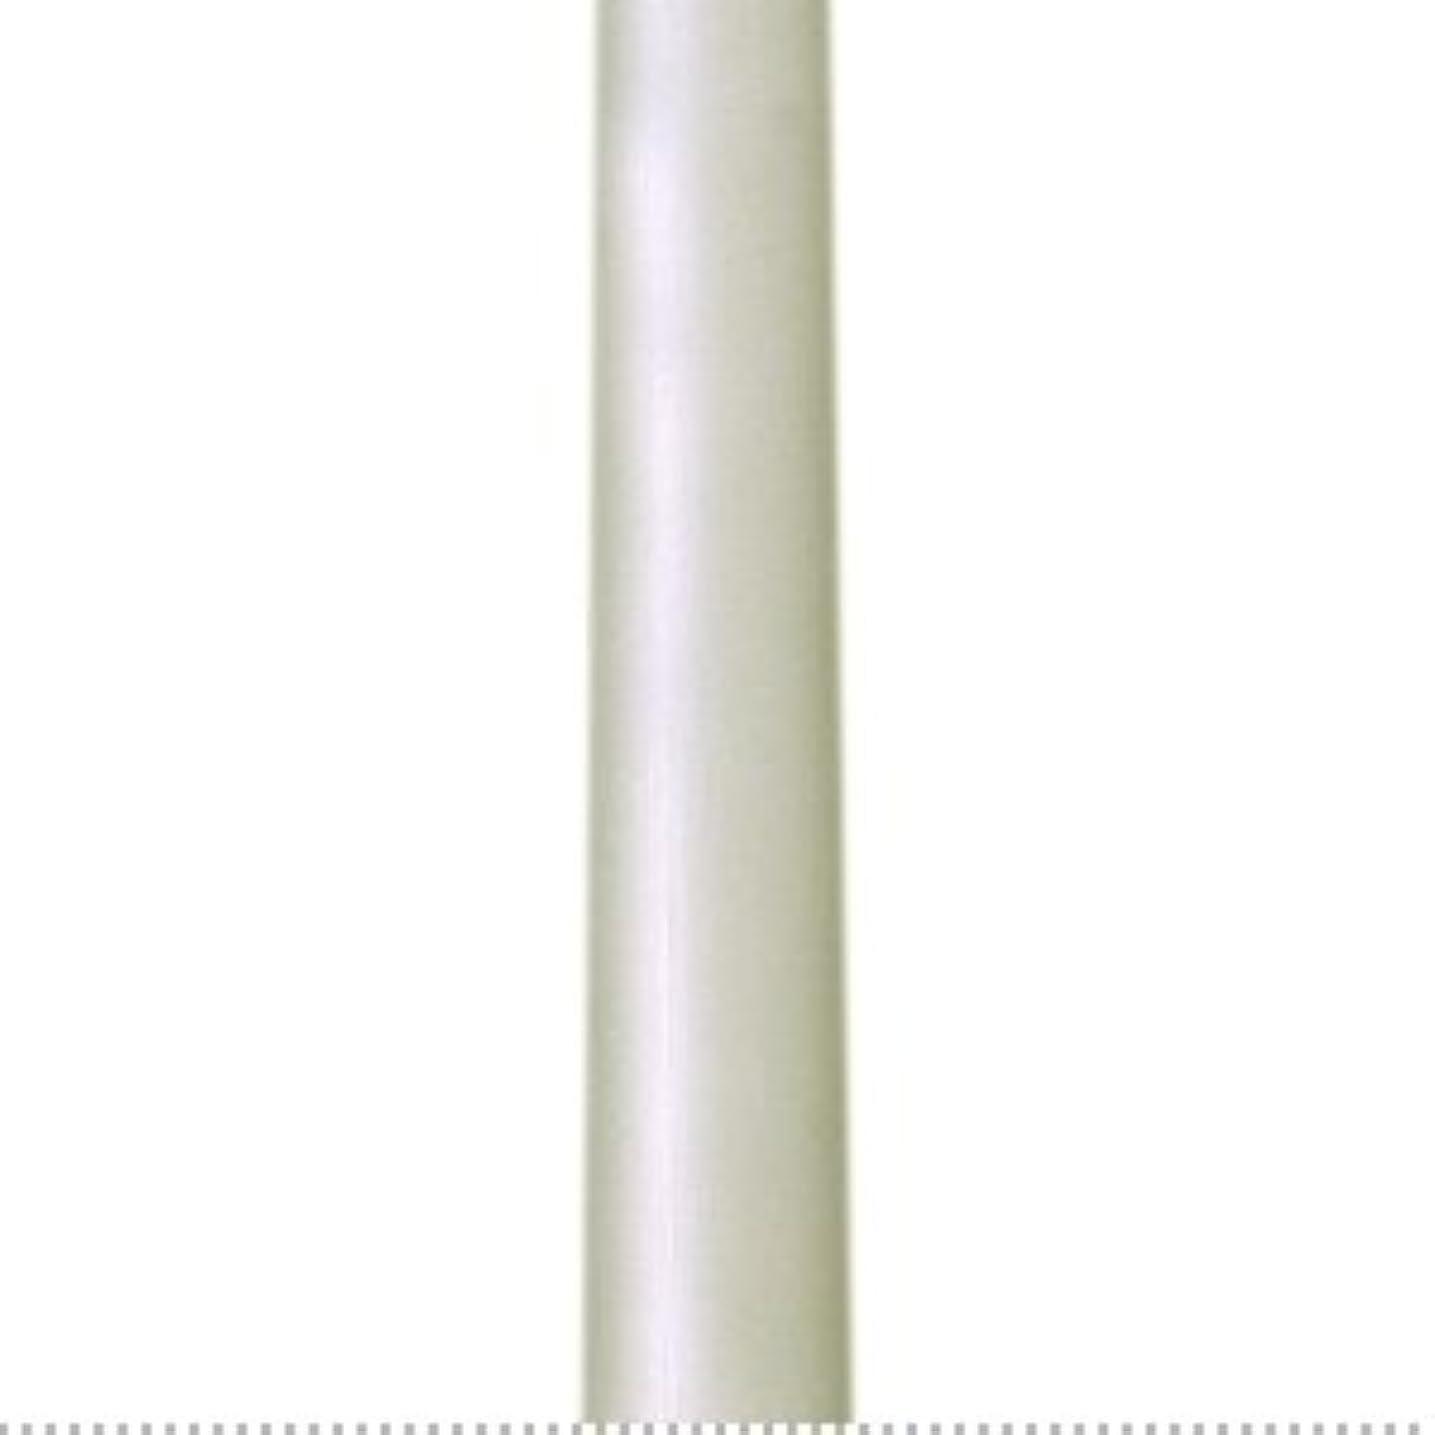 存在メタリックロボットテーパーキャンドル クラッシー ムエット 蝋燭